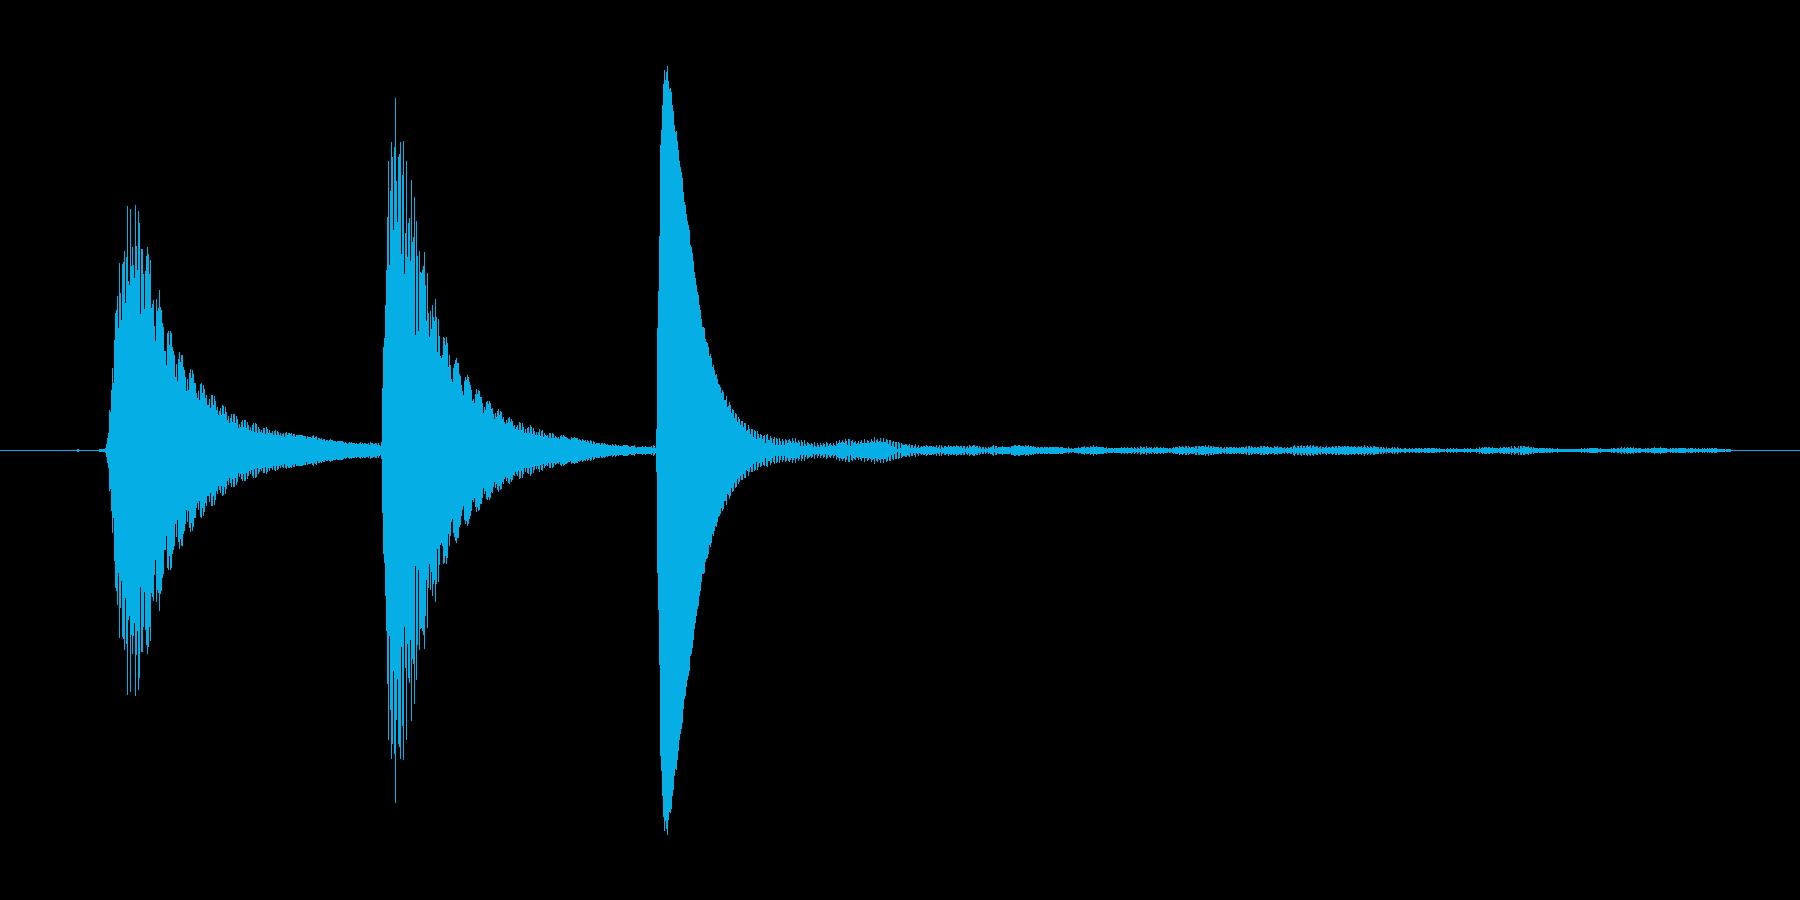 ポップアップ_決定音系_02の再生済みの波形